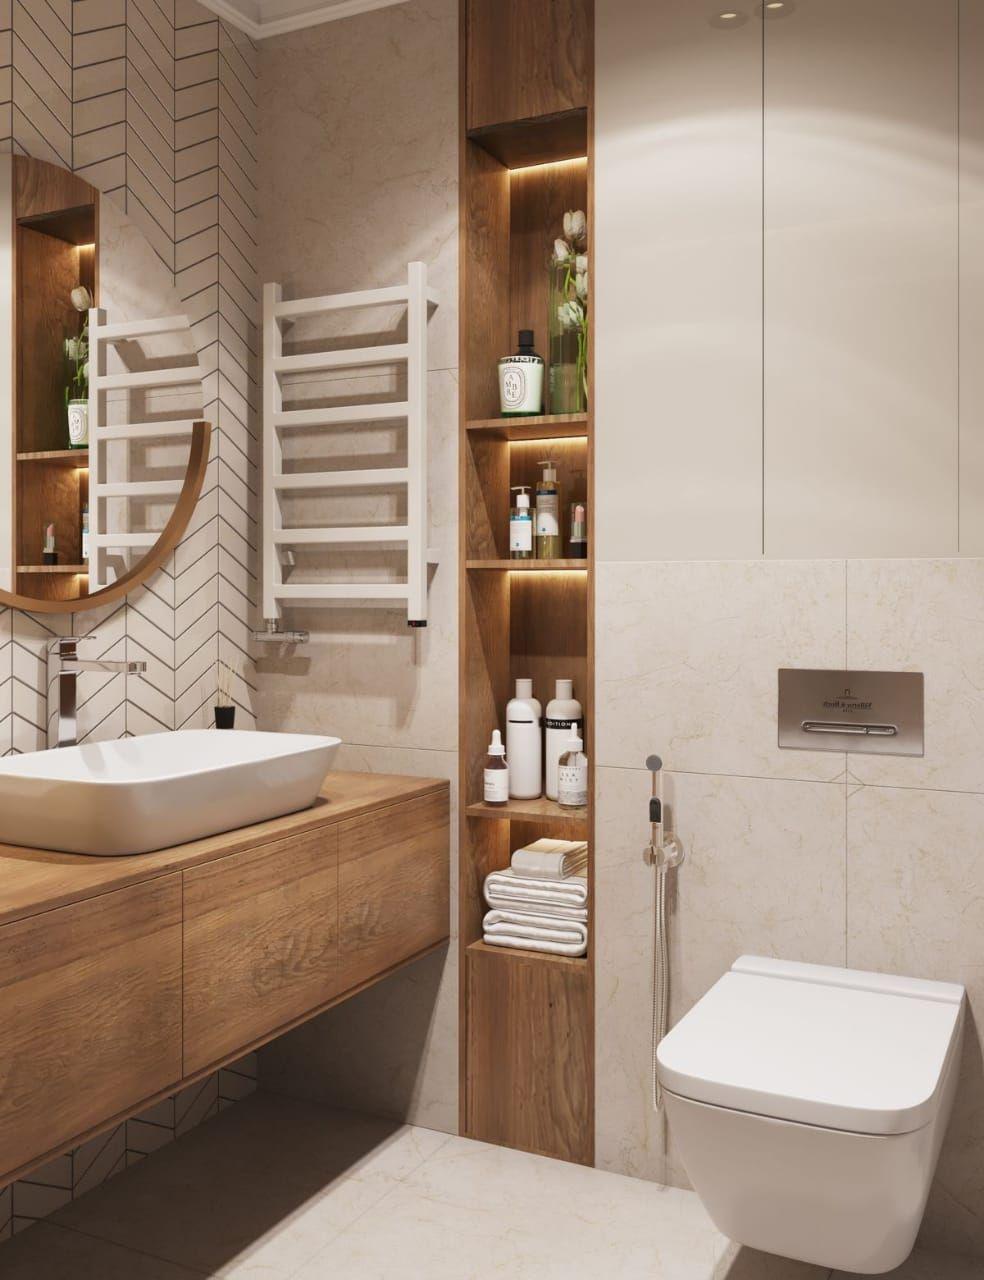 15++ Idee travaux salle de bain ideas in 2021